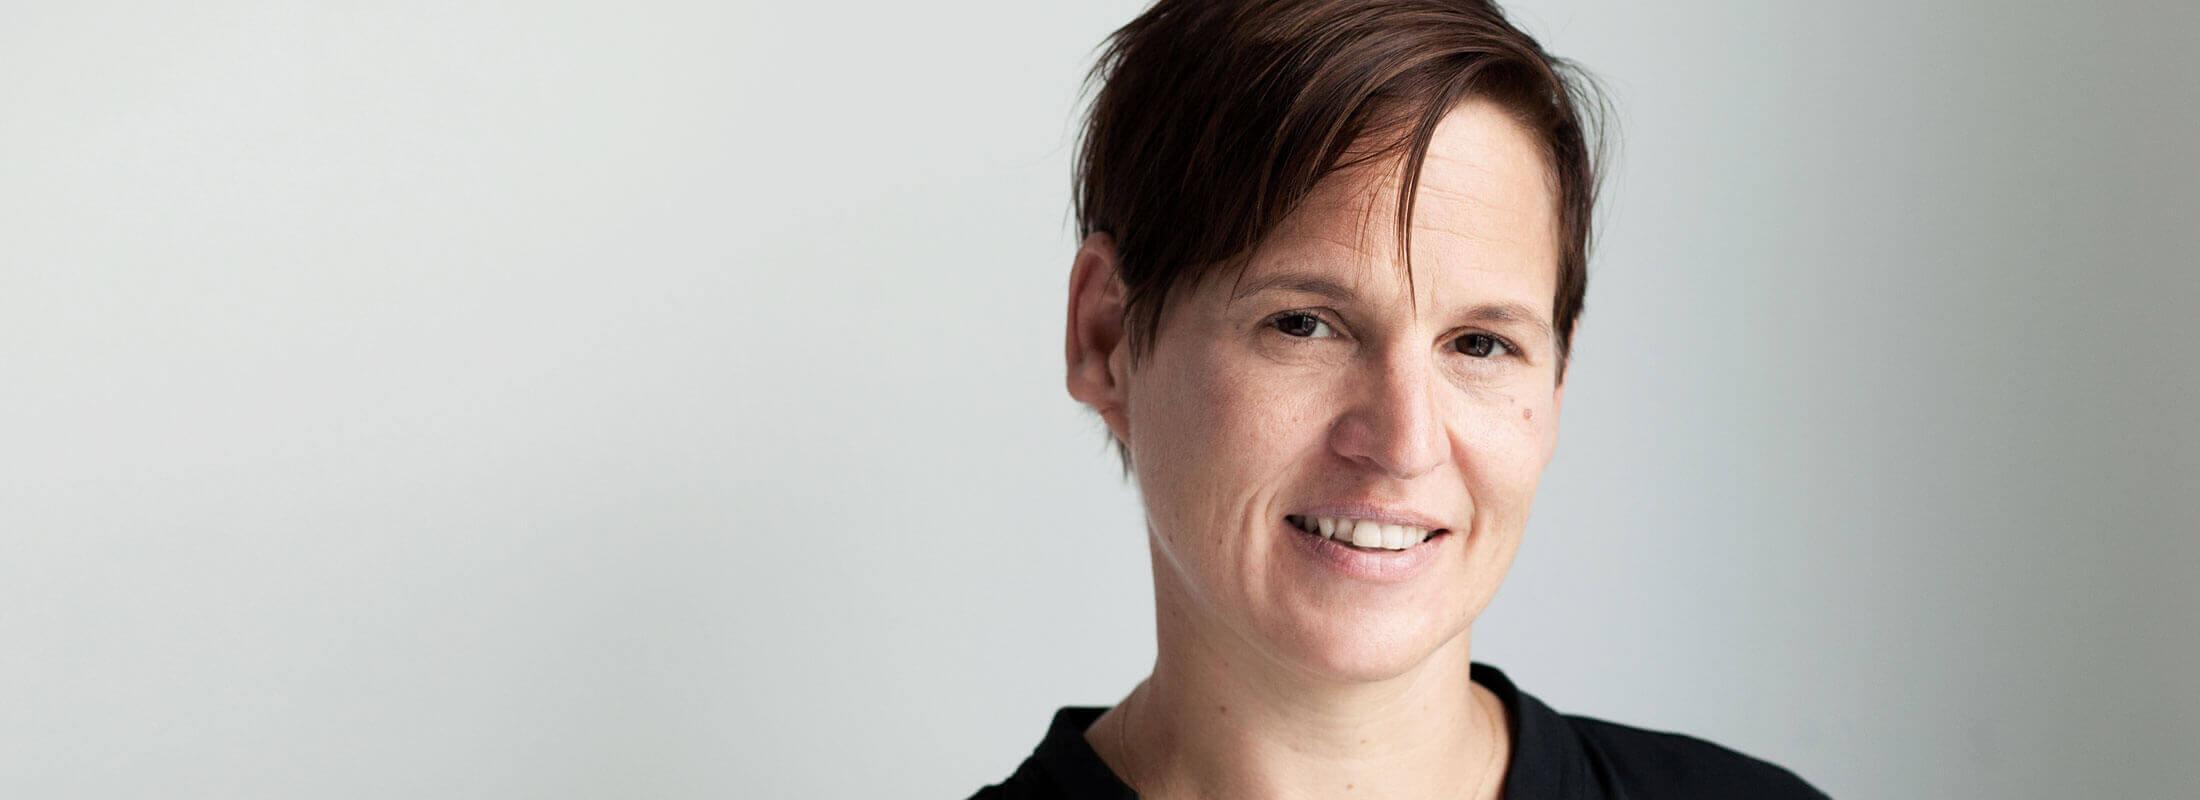 Steffi Mayr Finanzen, Controlling und Personal - MAYR Kanzlei für Arbeitsrecht Berlin